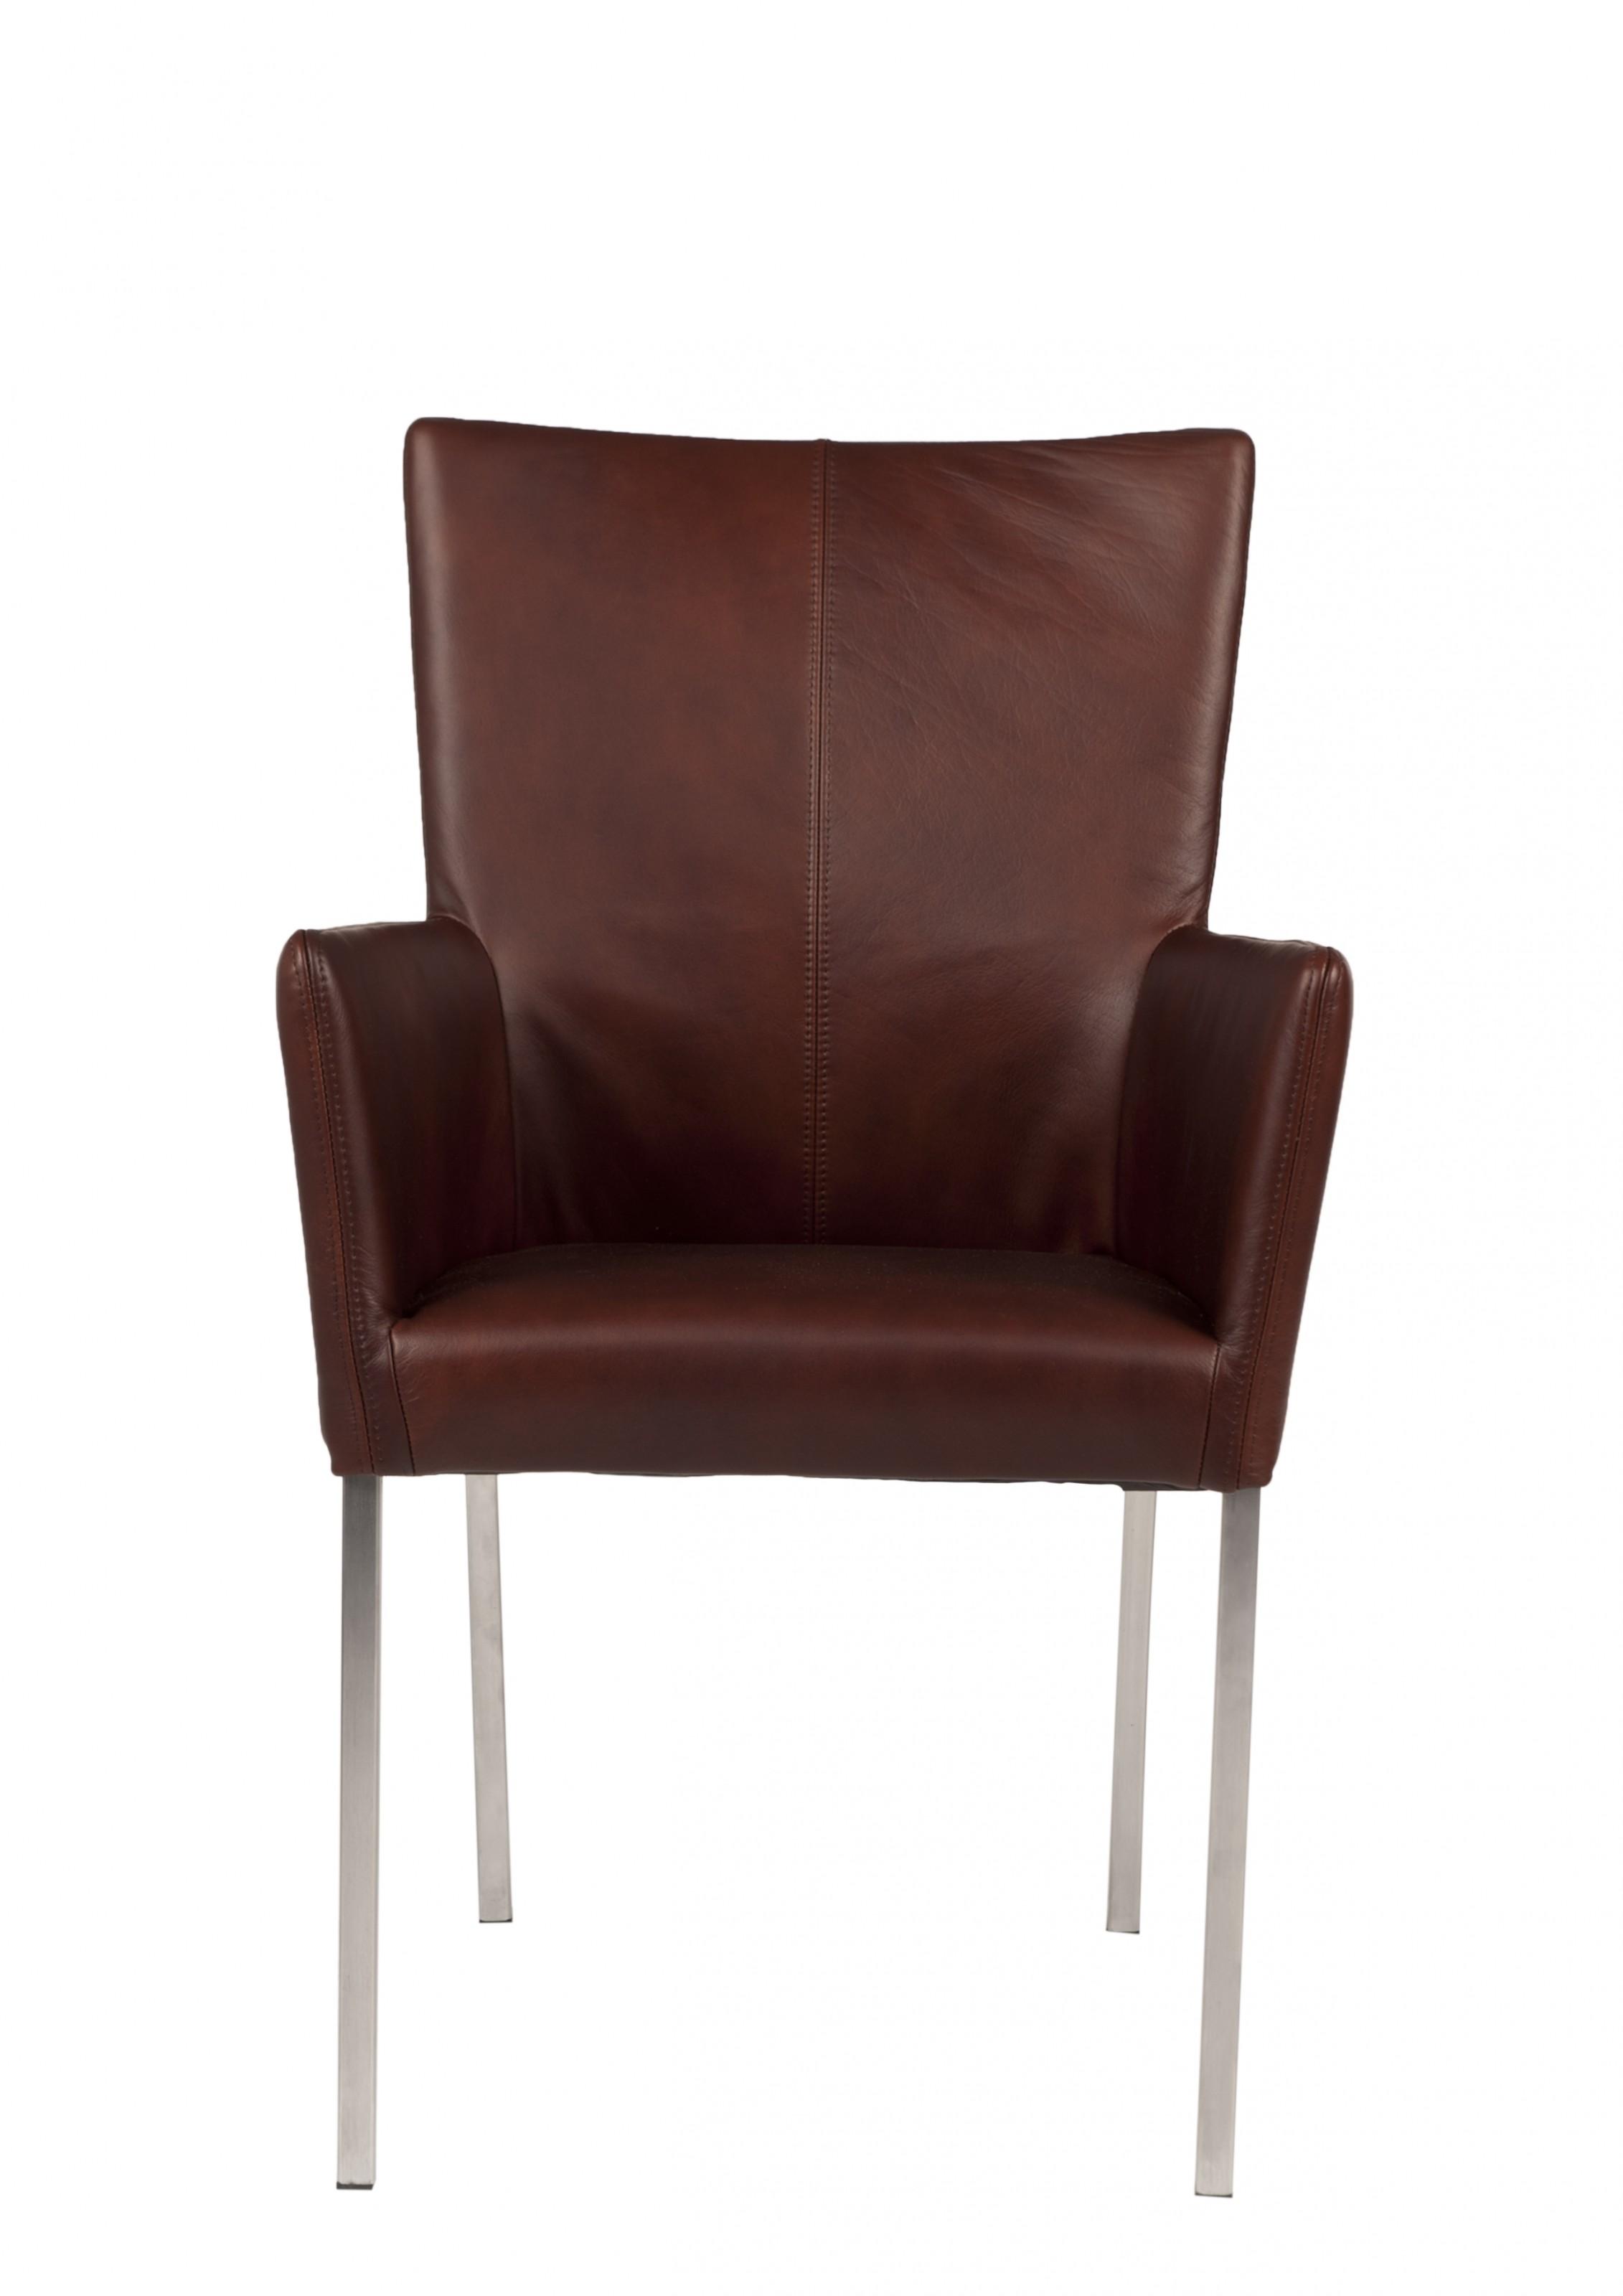 stuhl buffalo leder dark tan. Black Bedroom Furniture Sets. Home Design Ideas